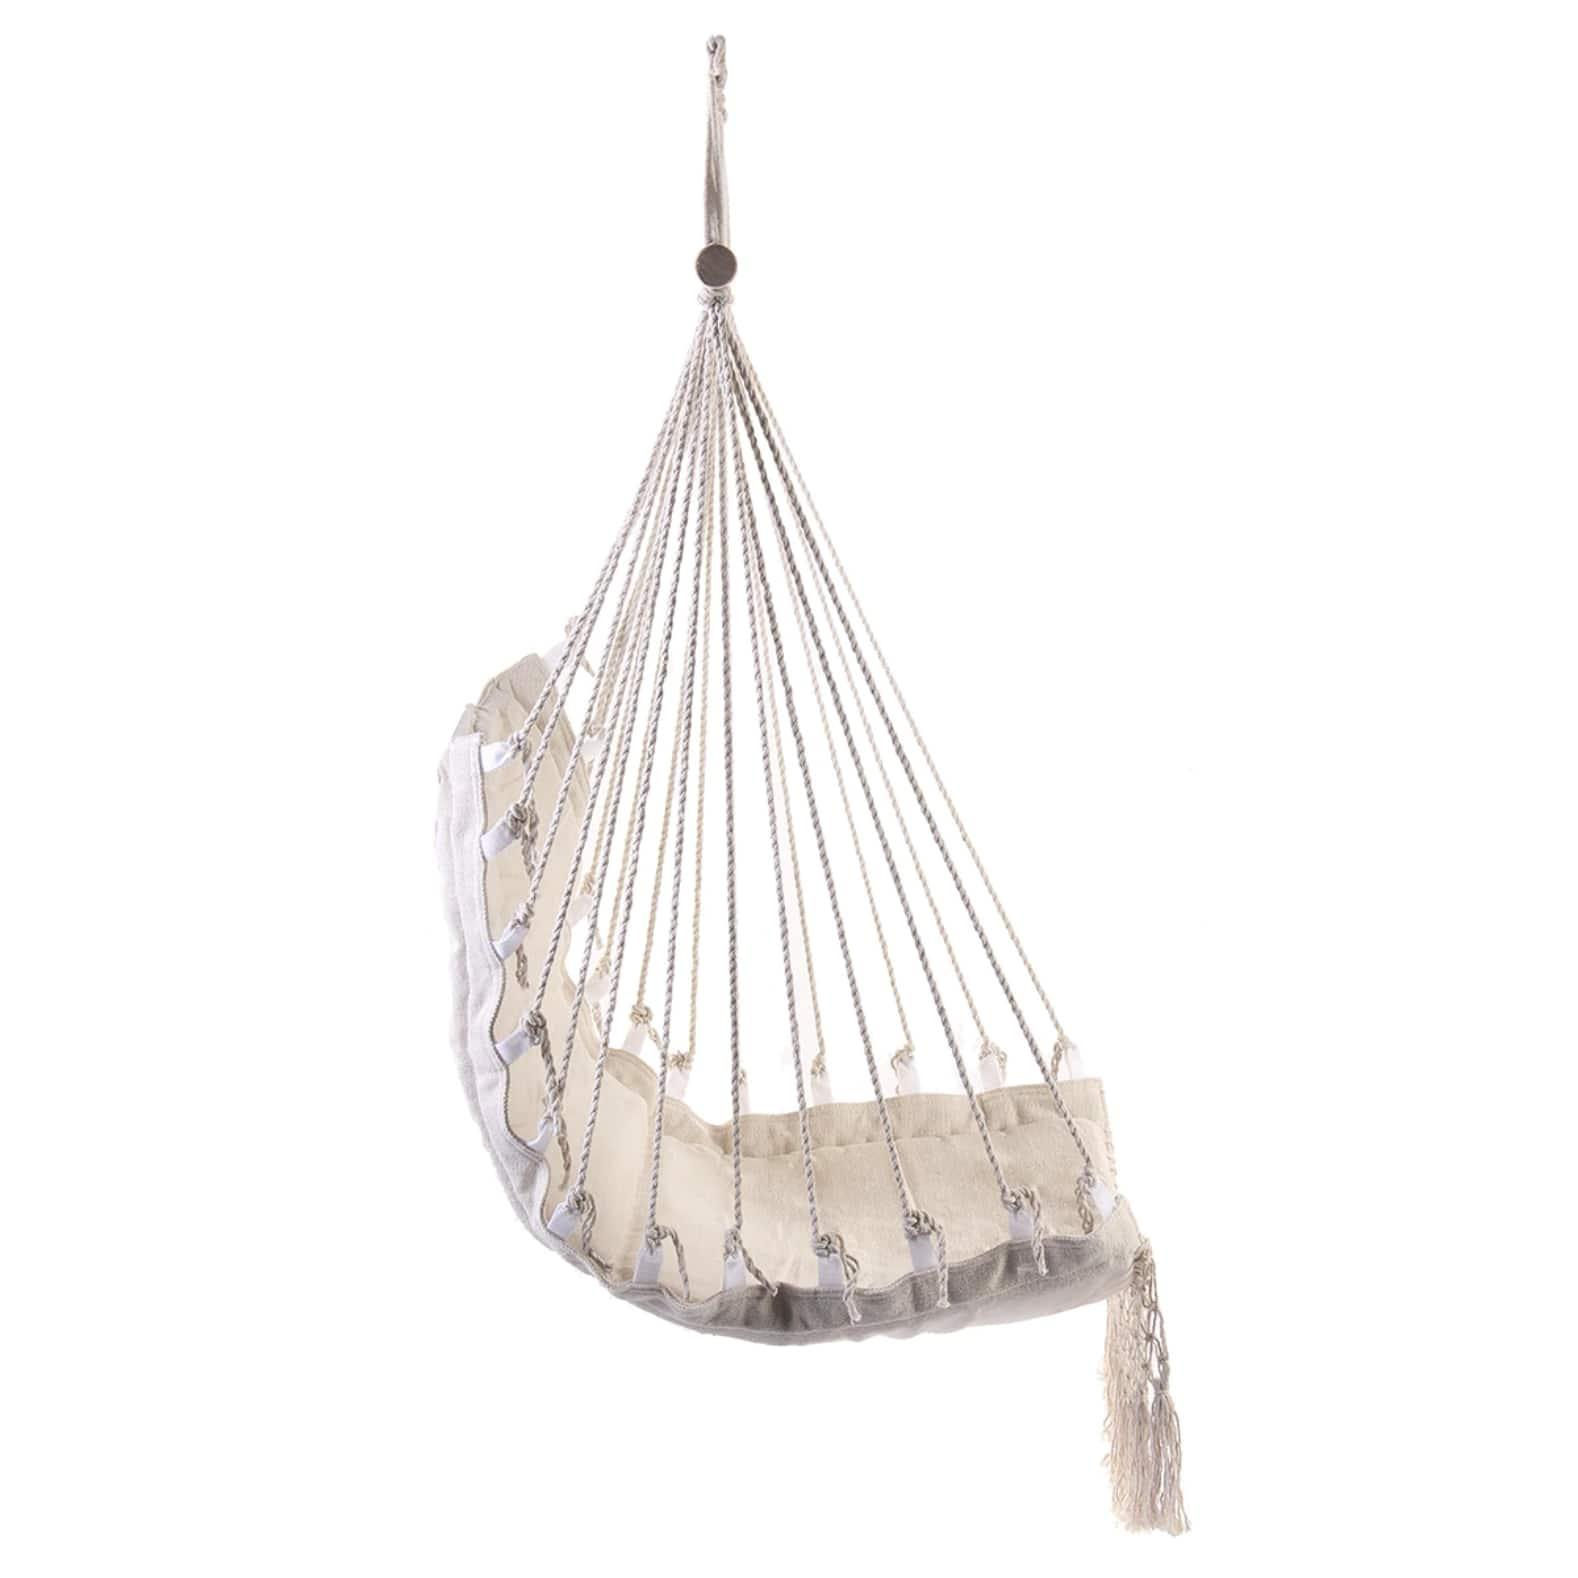 Chaise Hamac Suspendu Plafond Blanc (Pour Le Jardin ... dedans Chaise Suspendue Jardin